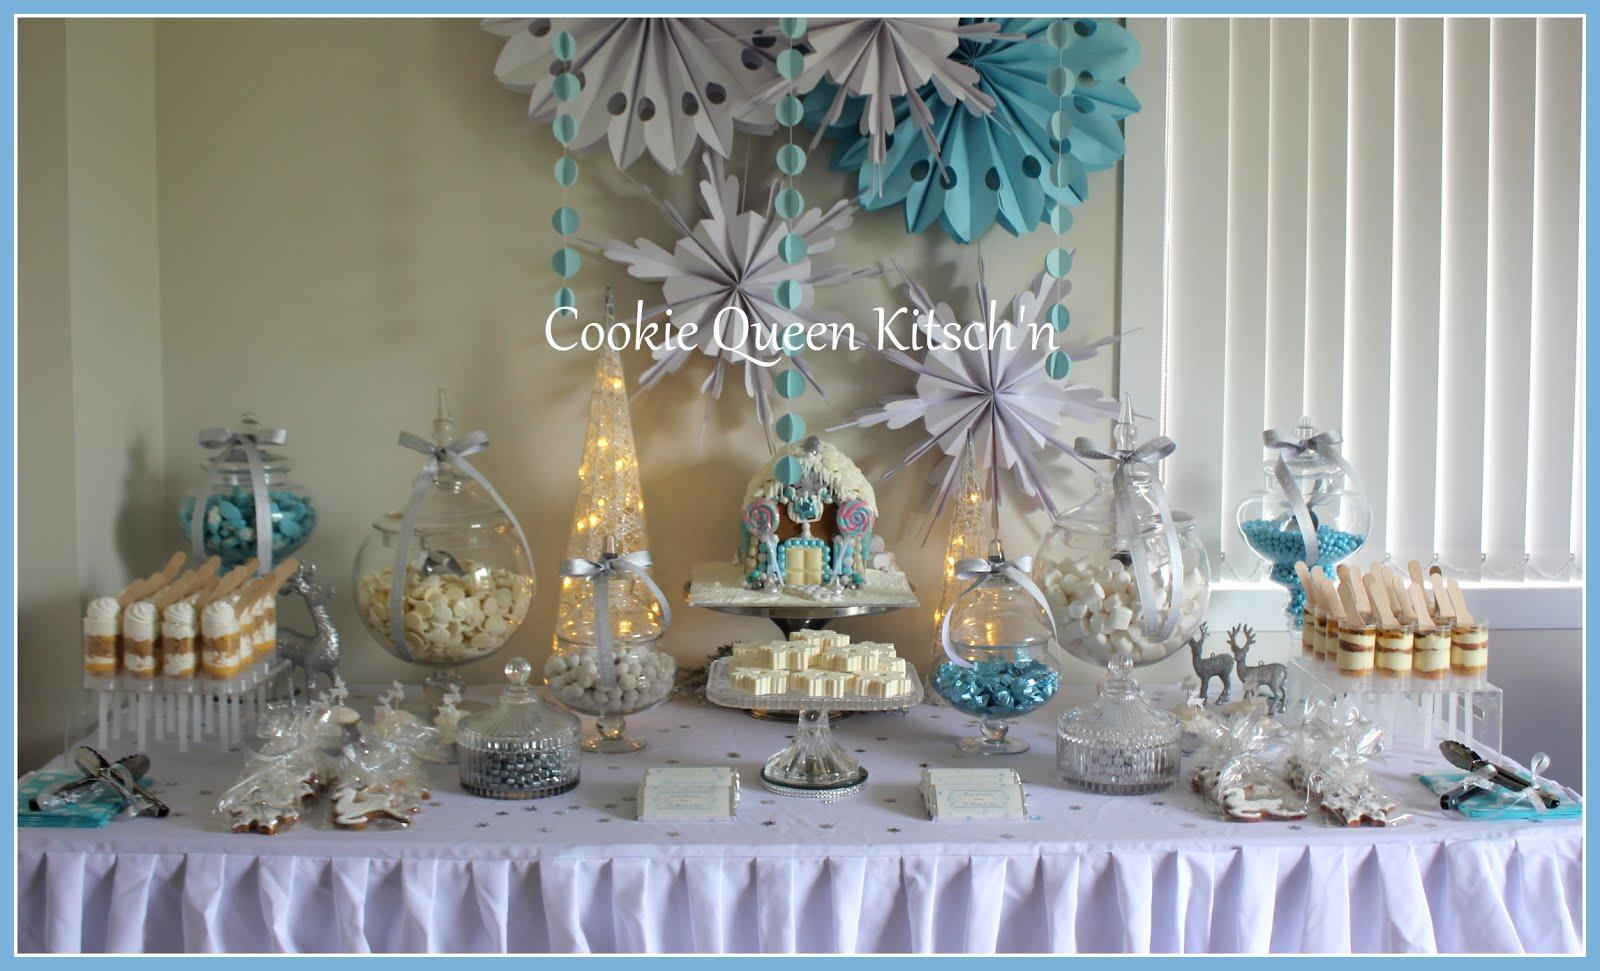 Christmas Dessert Buffet Setup